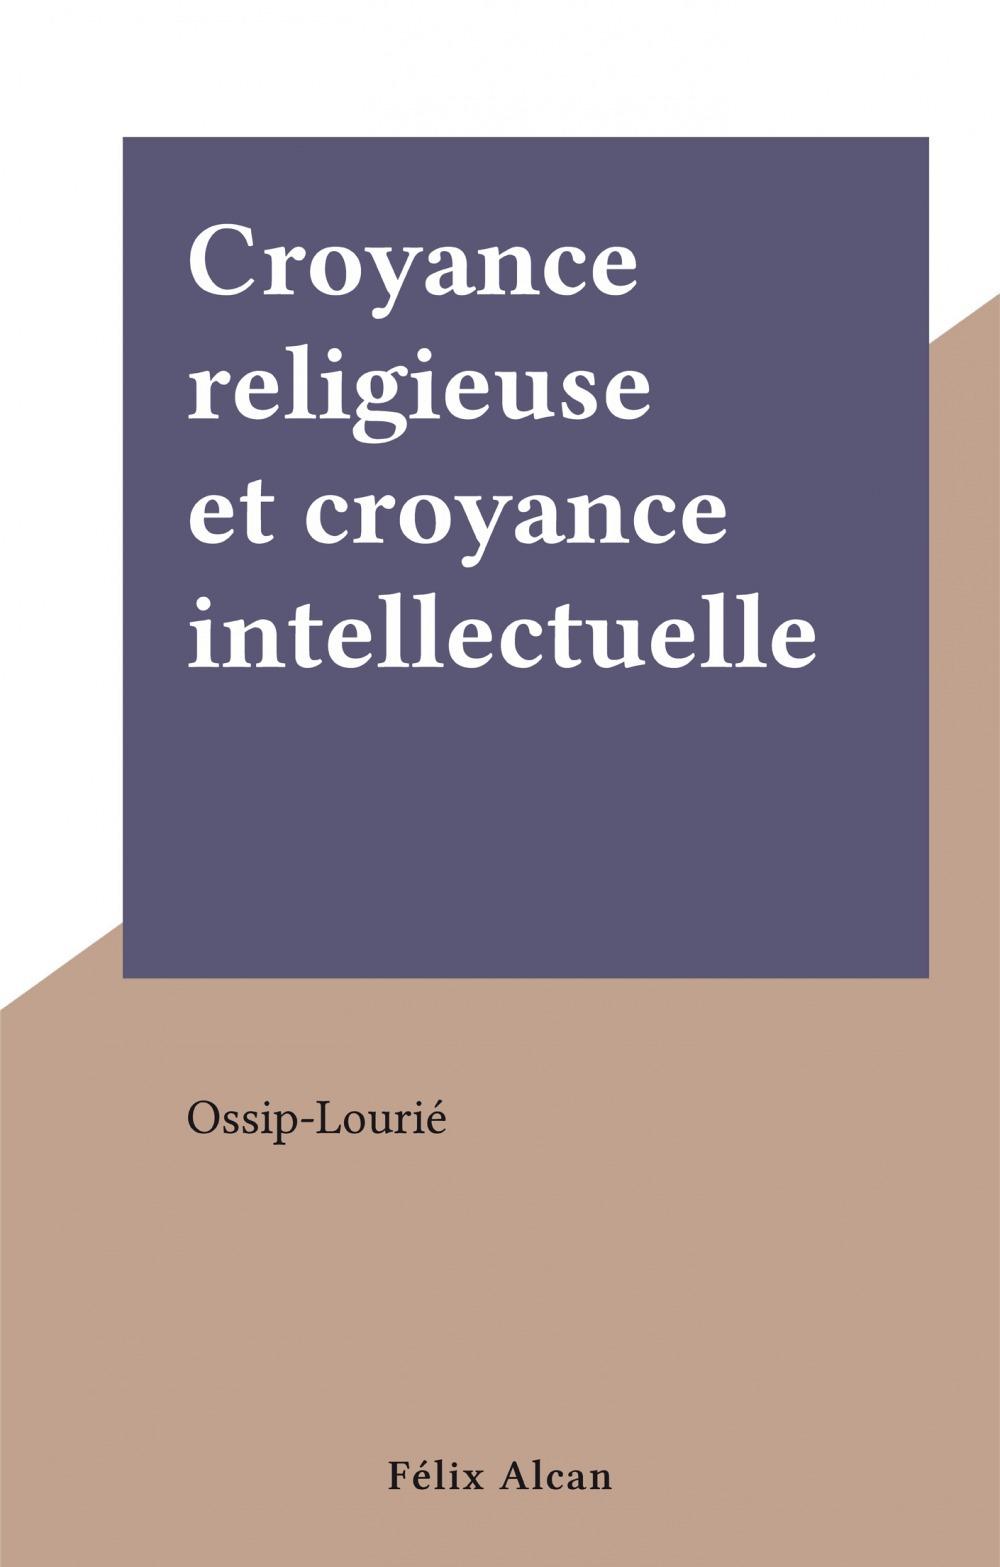 Croyance religieuse et croyance intellectuelle